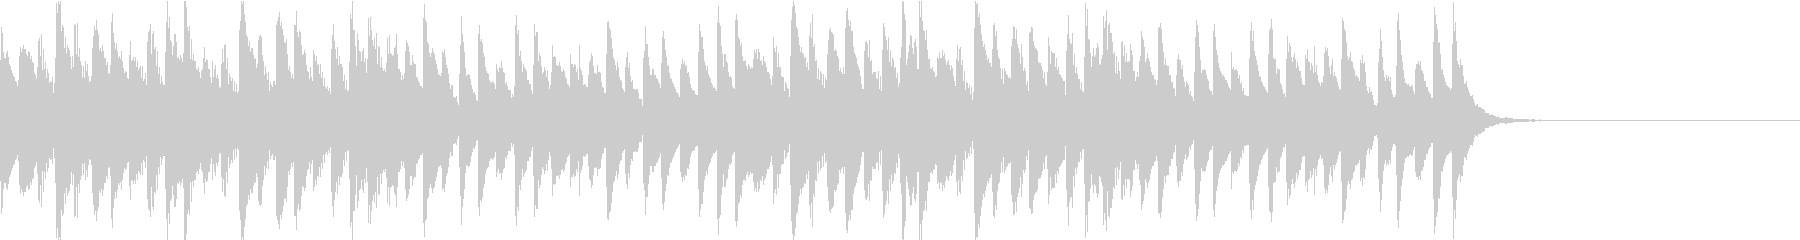 マリンバによる不思議系ジングルの未再生の波形